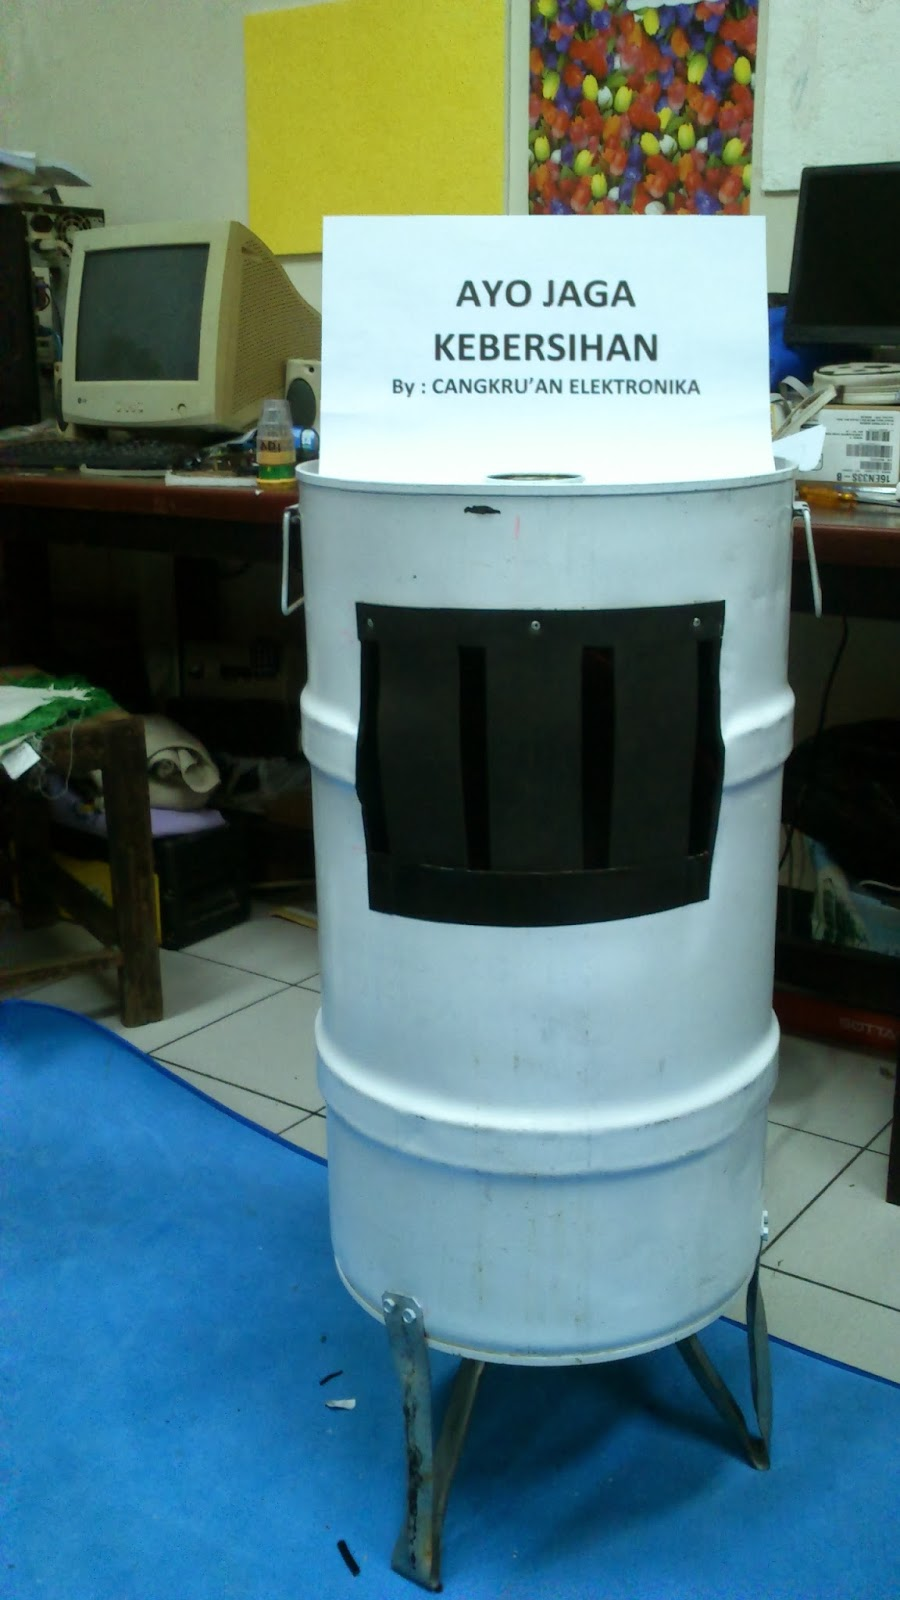 Tempat Sampah Unik Cangkru'an Elektronika buah karya arek-arek cangkru'an elektronika  Prodi Elektronika Politeknik Elektronika Negeri Surabaya  30 Nopember 2013  :)